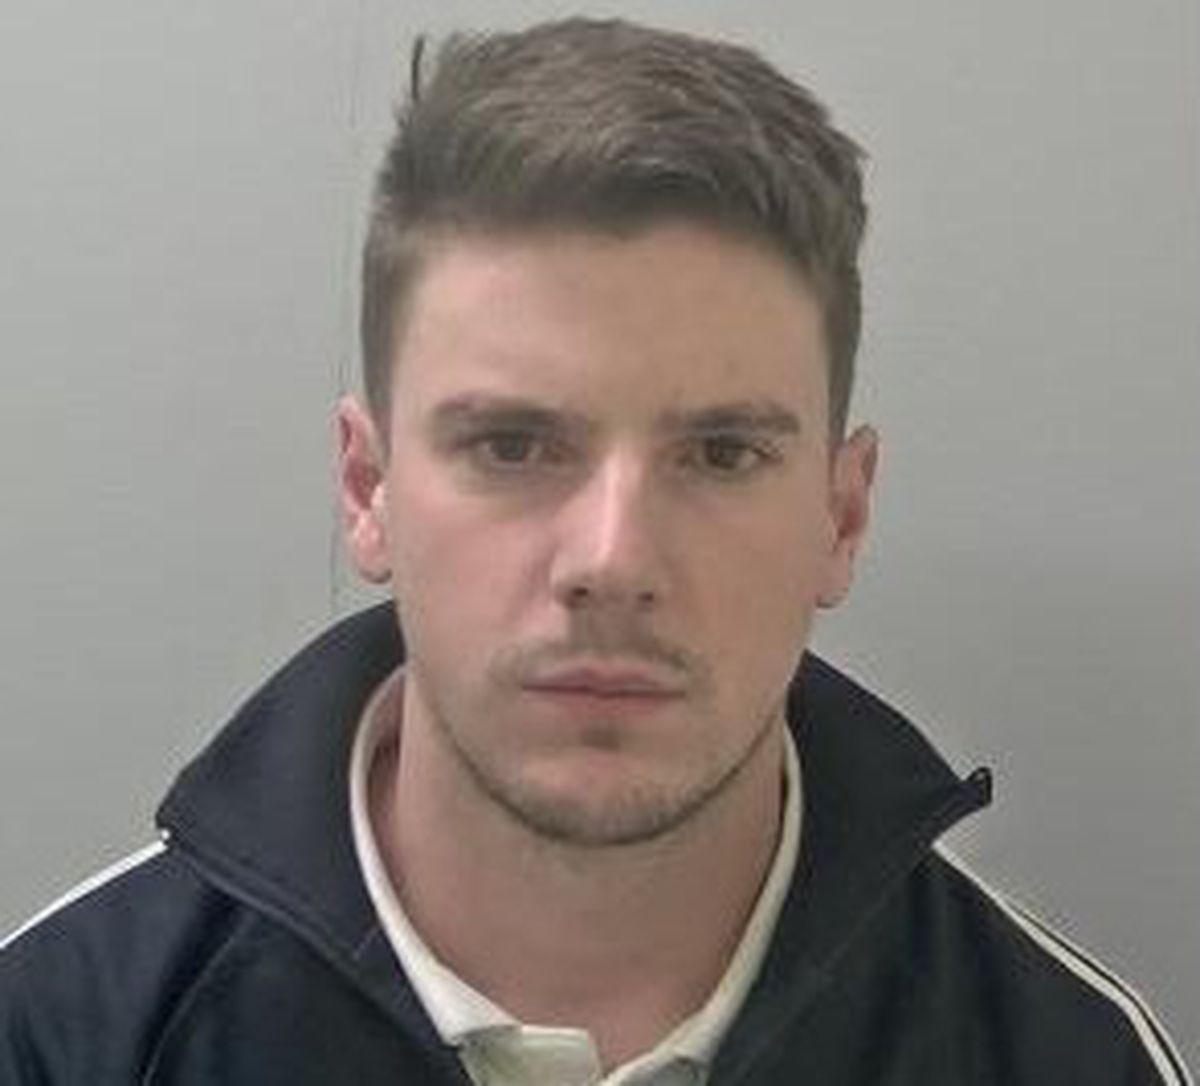 Timothy Schofield. Photo: West Mercia Police.